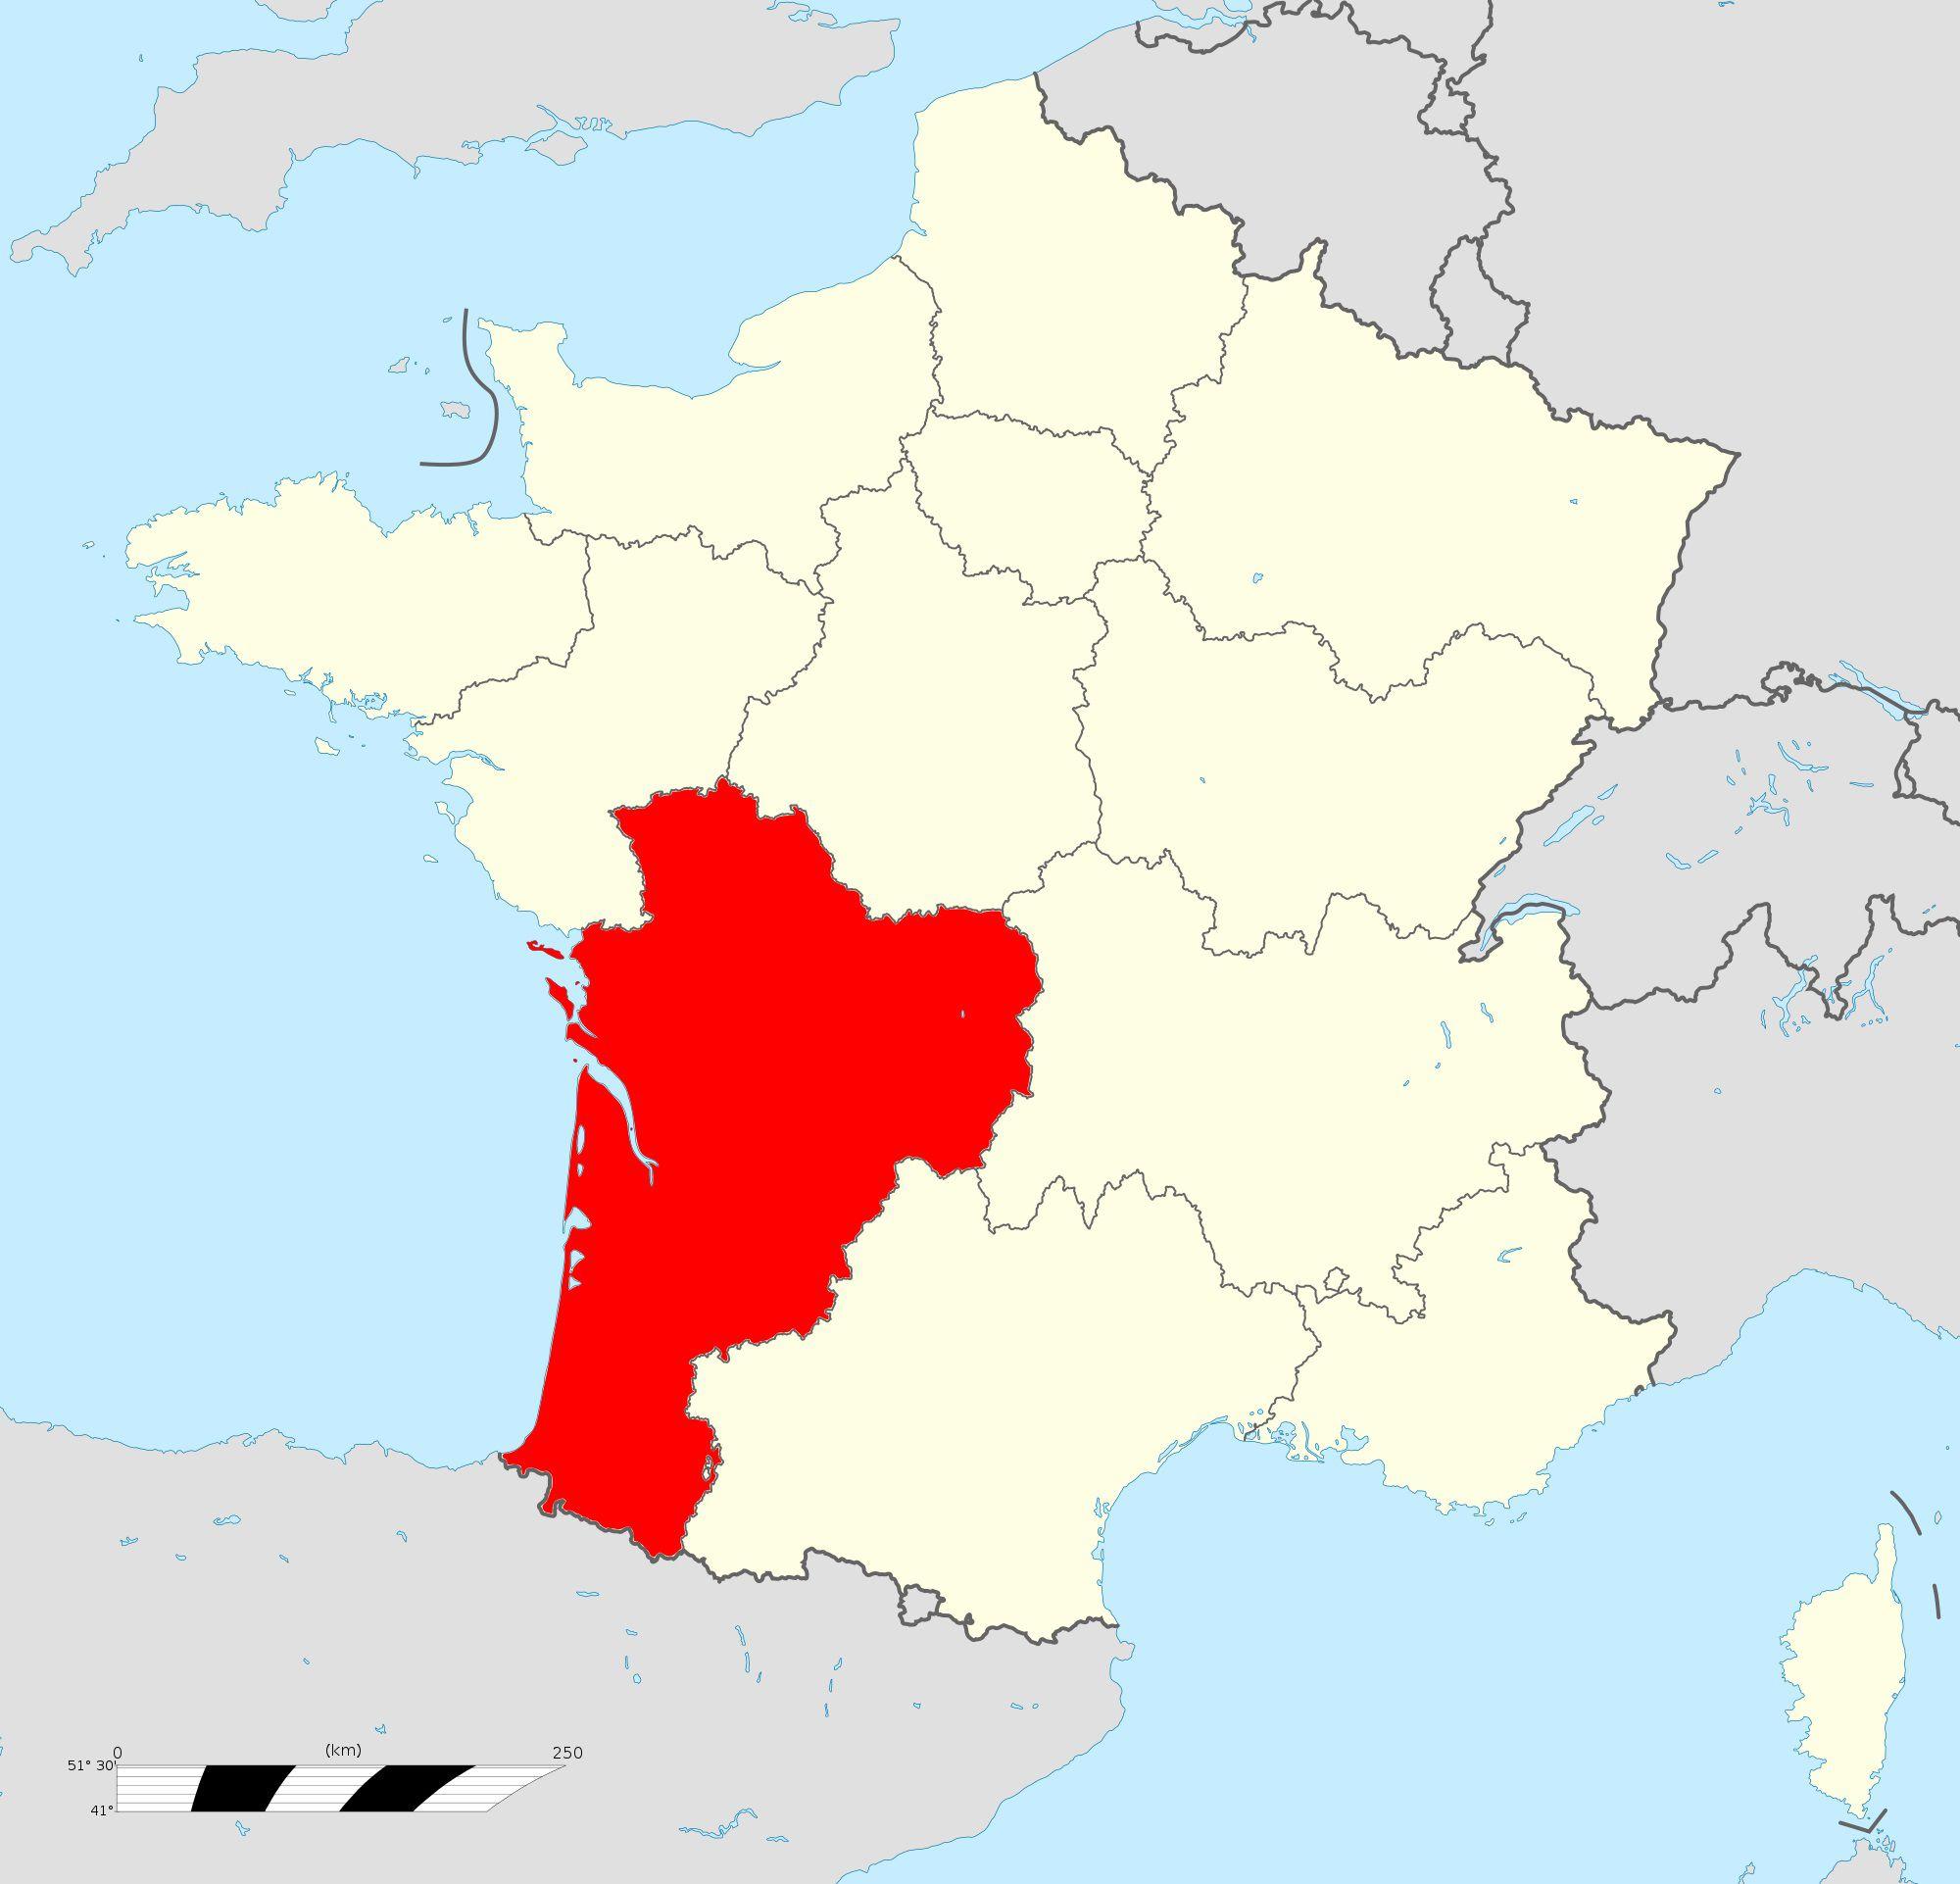 Où se trouve la Nouvelle-Aquitaine en France ?